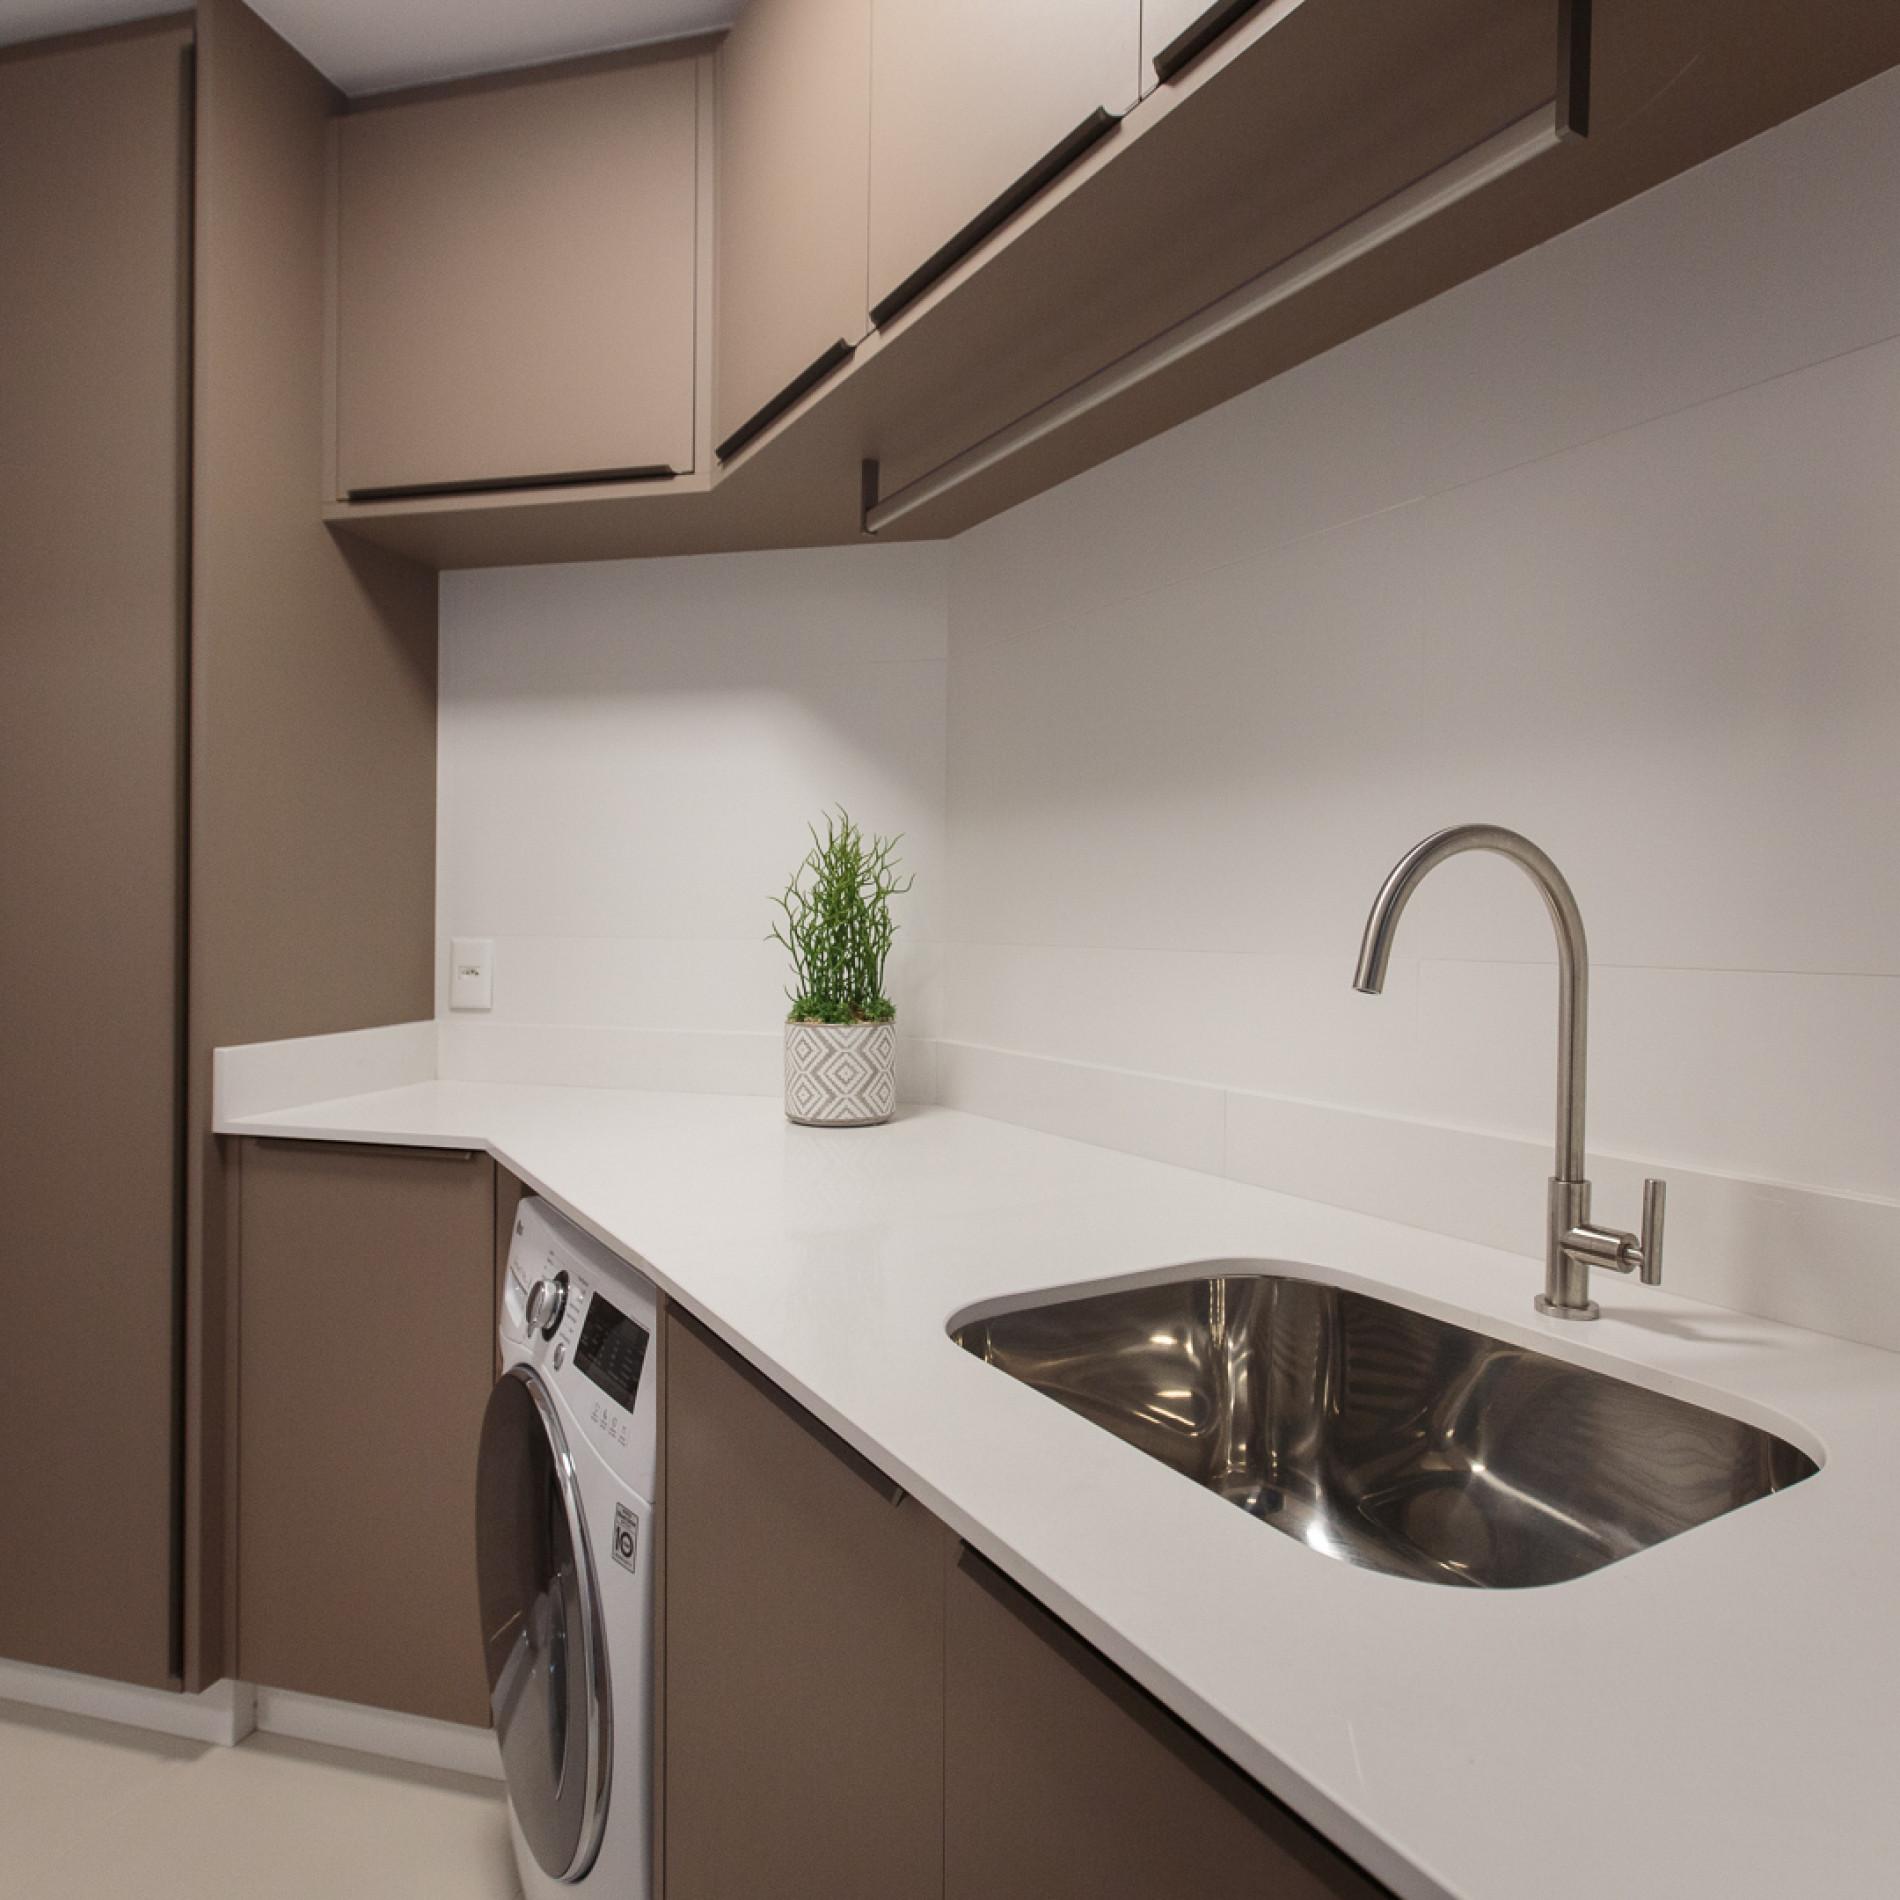 new-york-apartments-area-de-servico.jpg